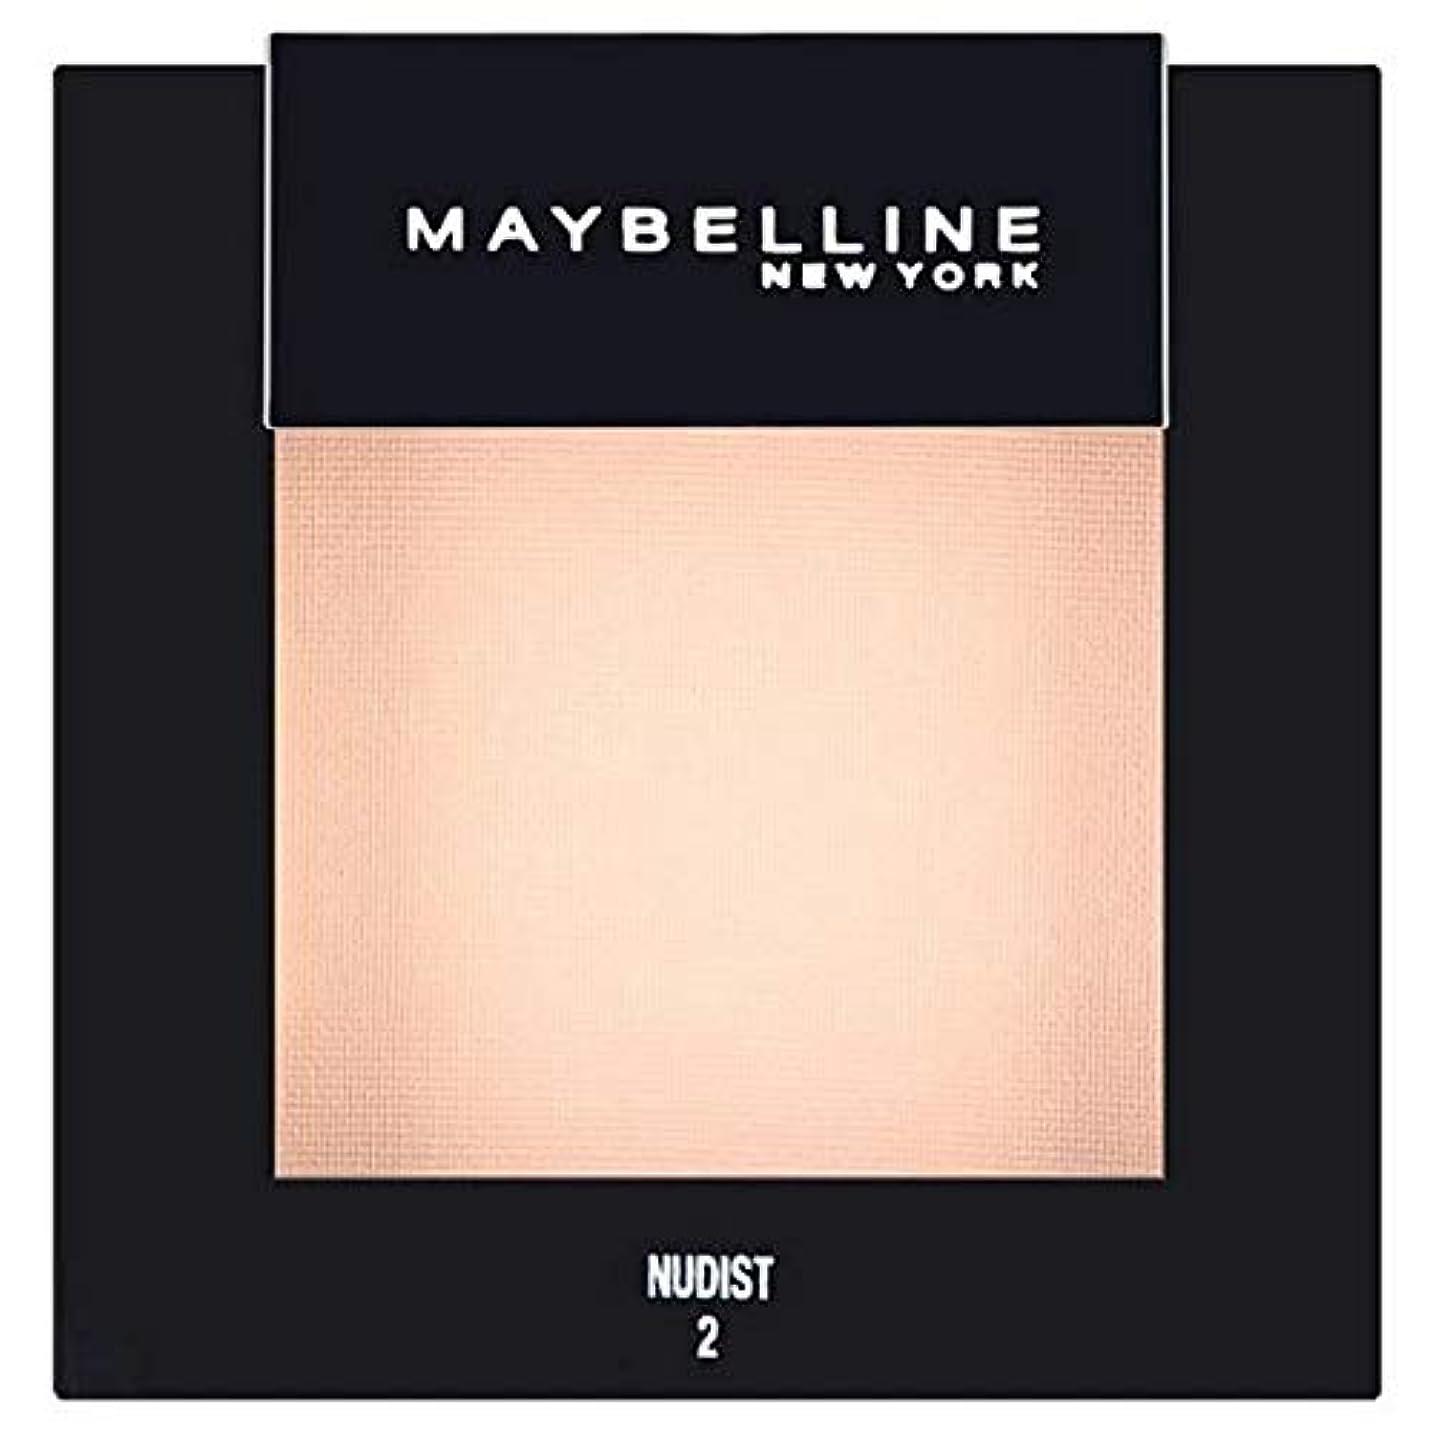 最大の言うスクラップ[Maybelline ] メイベリンカラーショーシングルアイシャドウ02ヌーディスト - Maybelline Color Show Single Eyeshadow 02 Nudist [並行輸入品]